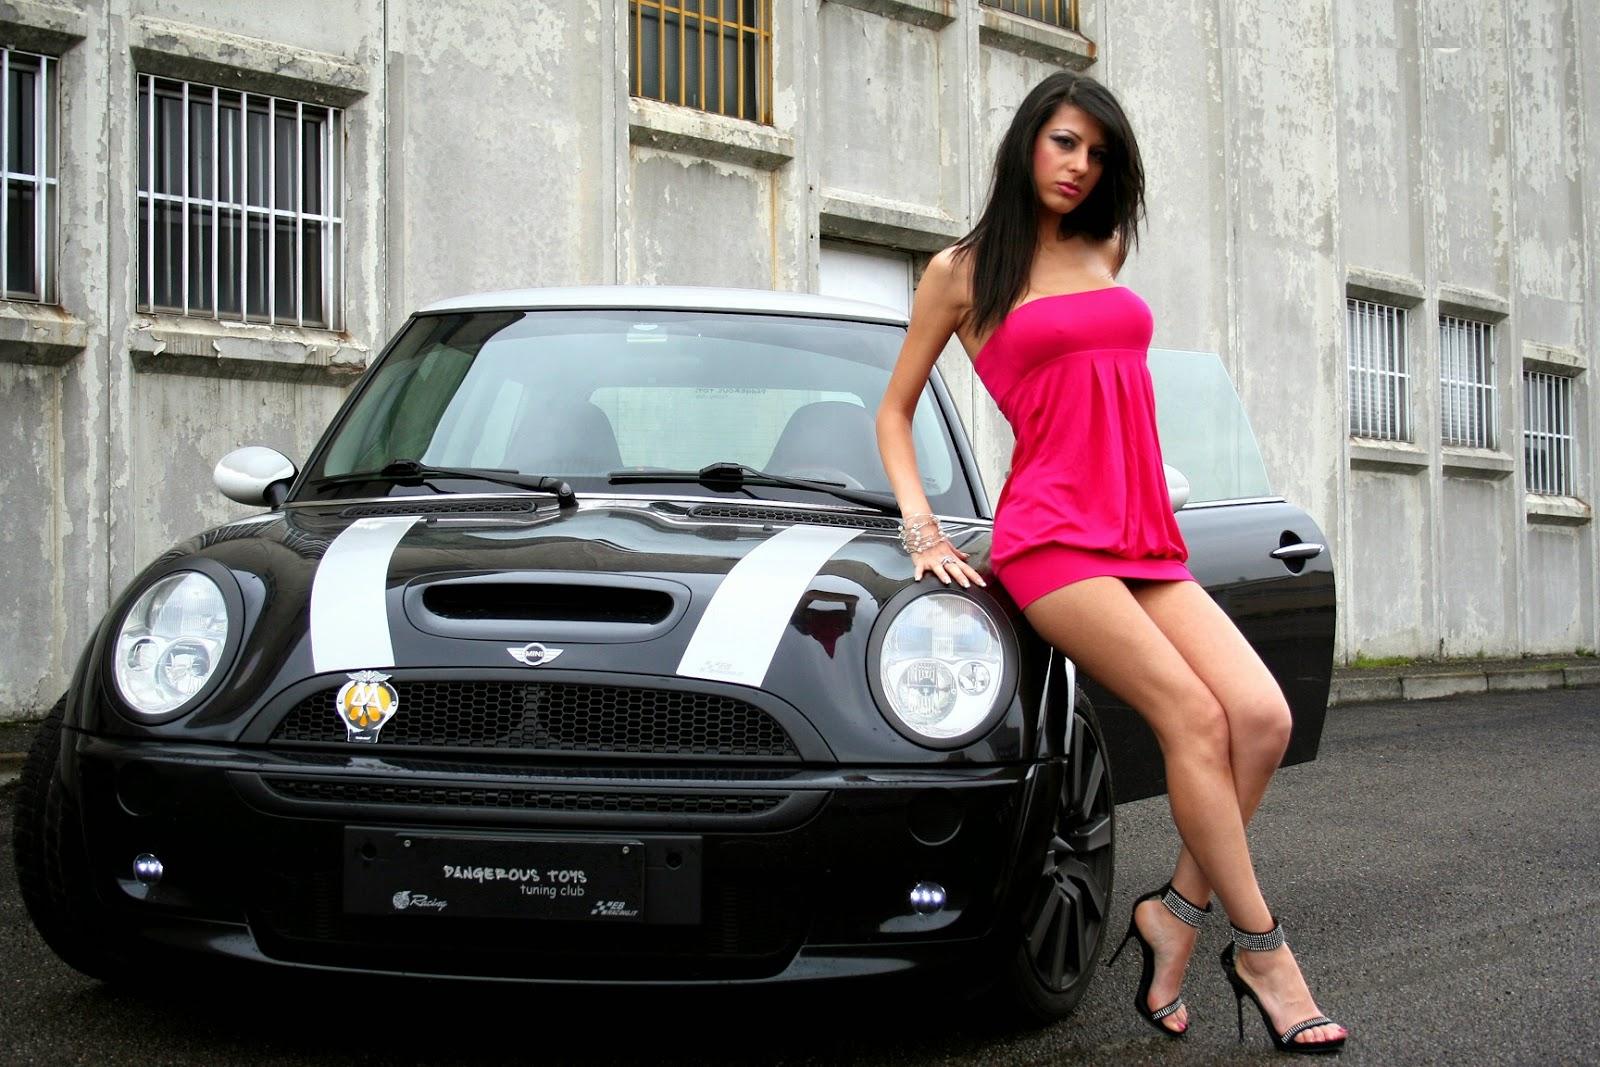 http://kendris.blogspot.com/